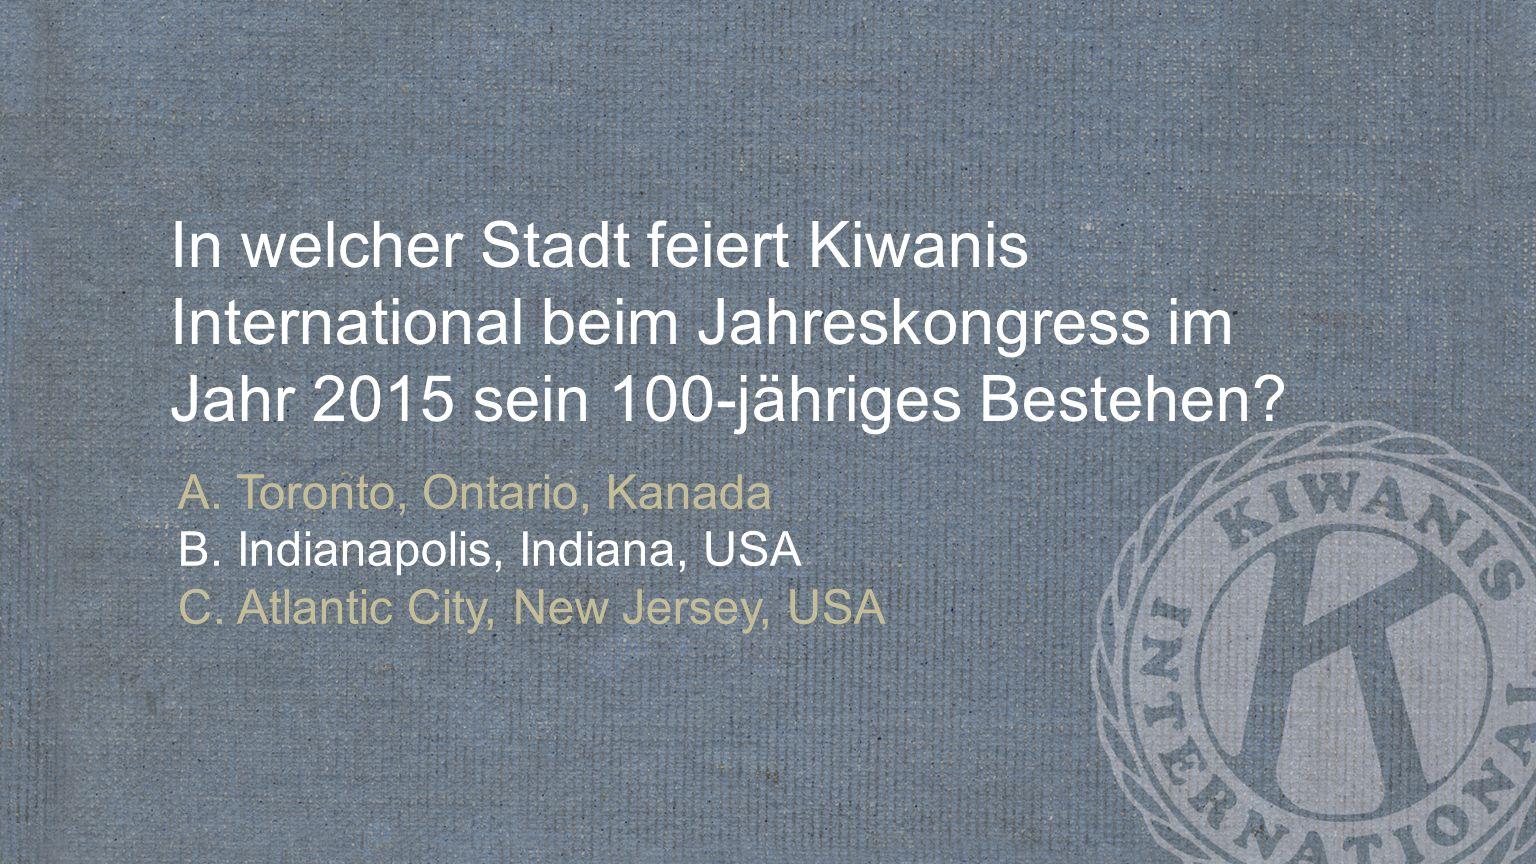 In welcher Stadt feiert Kiwanis International beim Jahreskongress im Jahr 2015 sein 100-jähriges Bestehen? A. Toronto, Ontario, Kanada B. Indianapolis